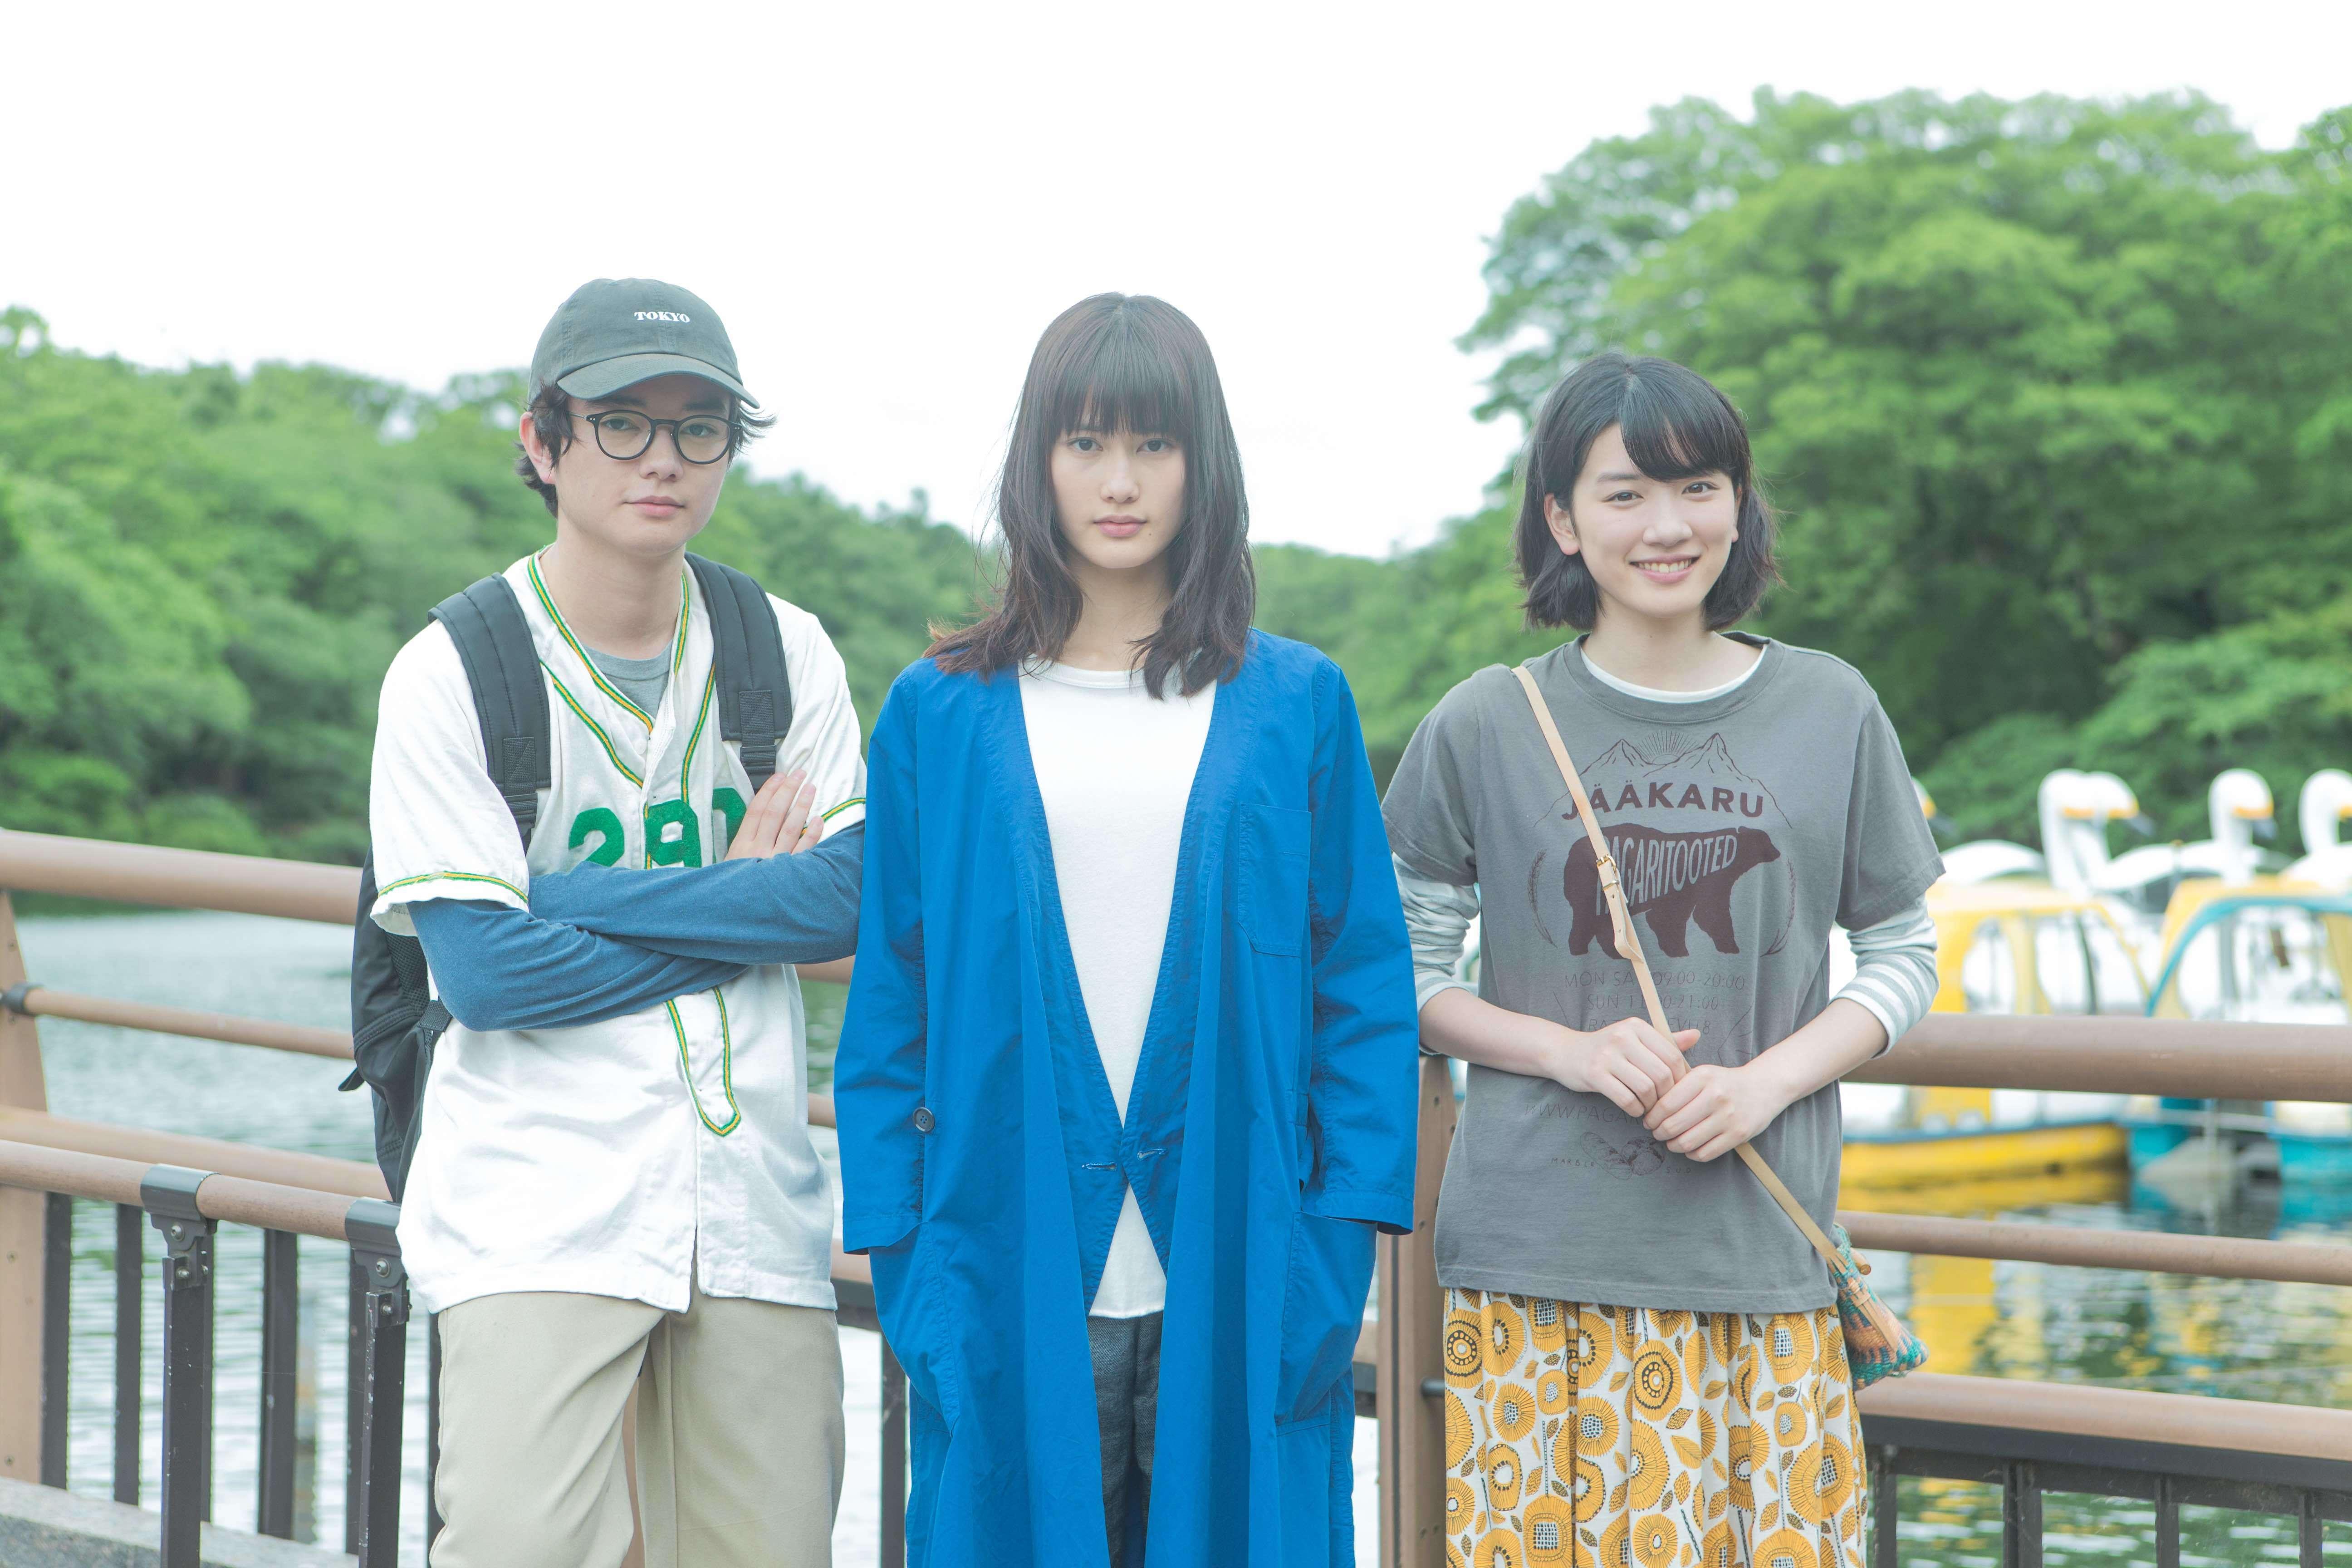 左から、染谷将太、橋本愛、永野芽郁 映画 『PARKS パークス』 (C)2017本田プロモーションBAUS